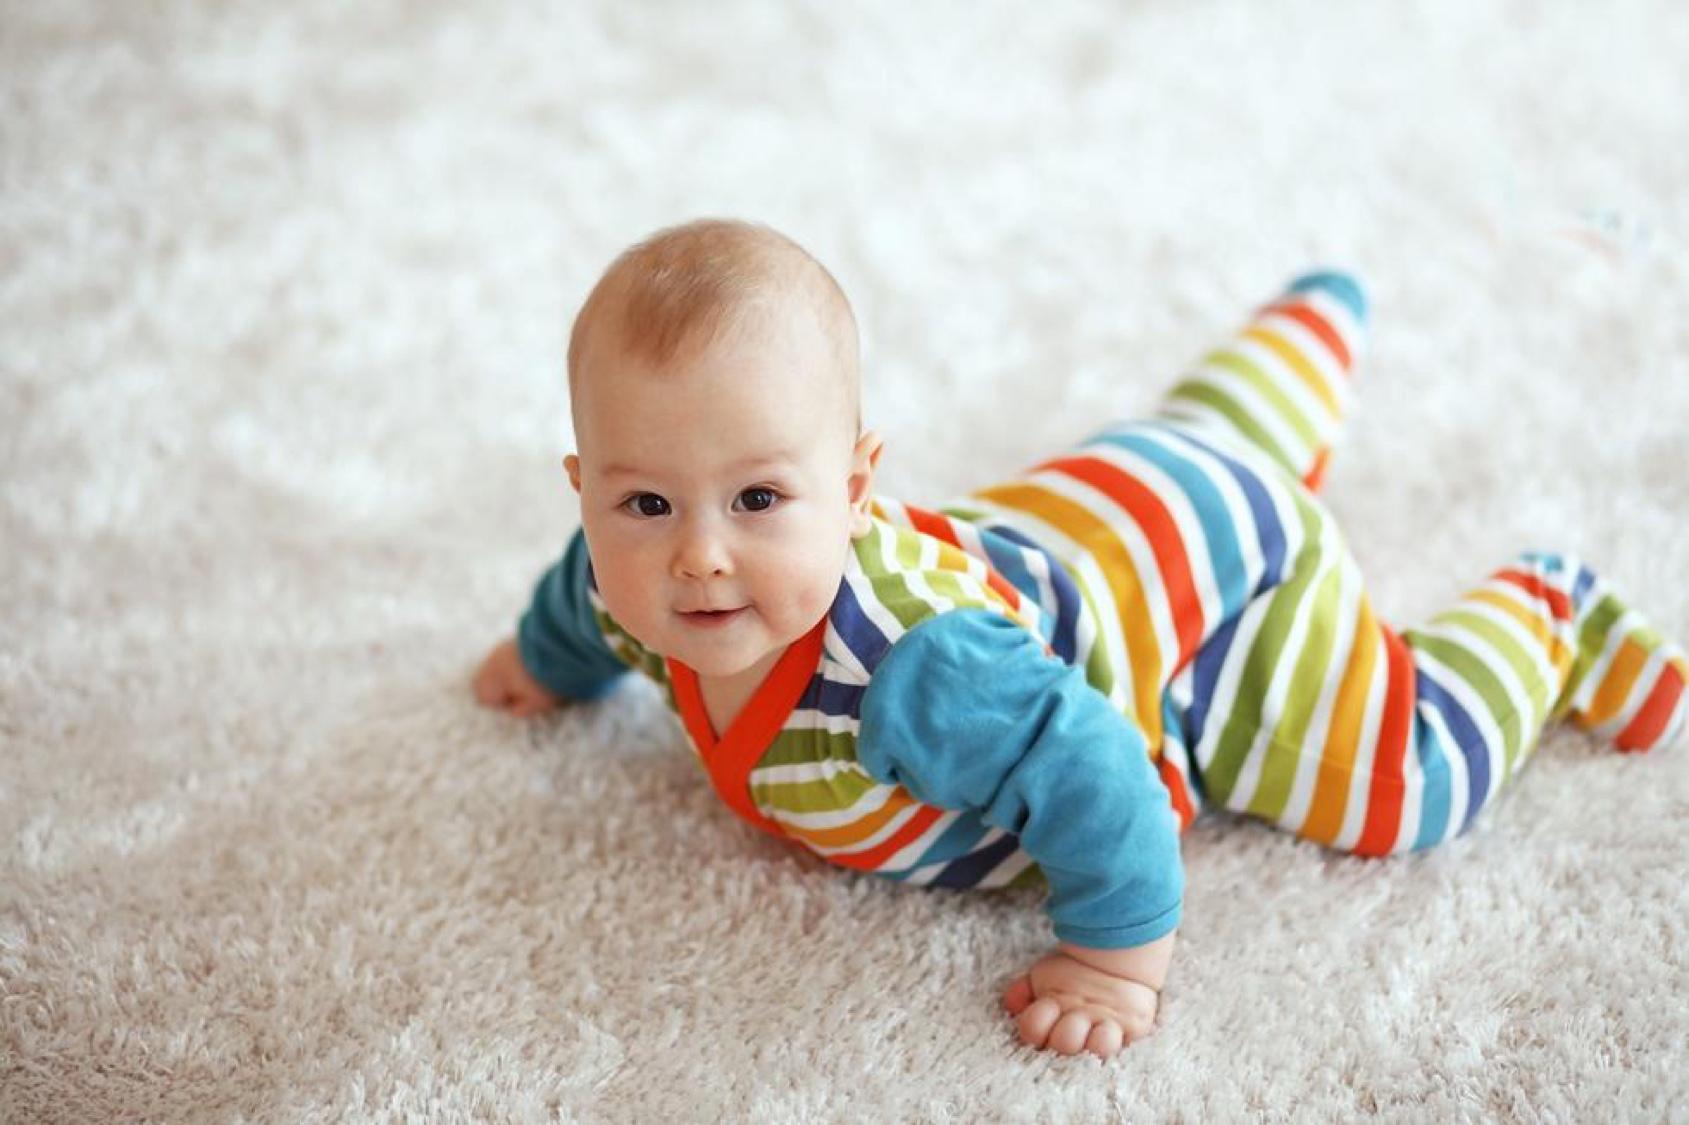 Самая первая фаза – ползание «по-пластунски», малыш лежит на животе и движется, отталкиваясь ногами